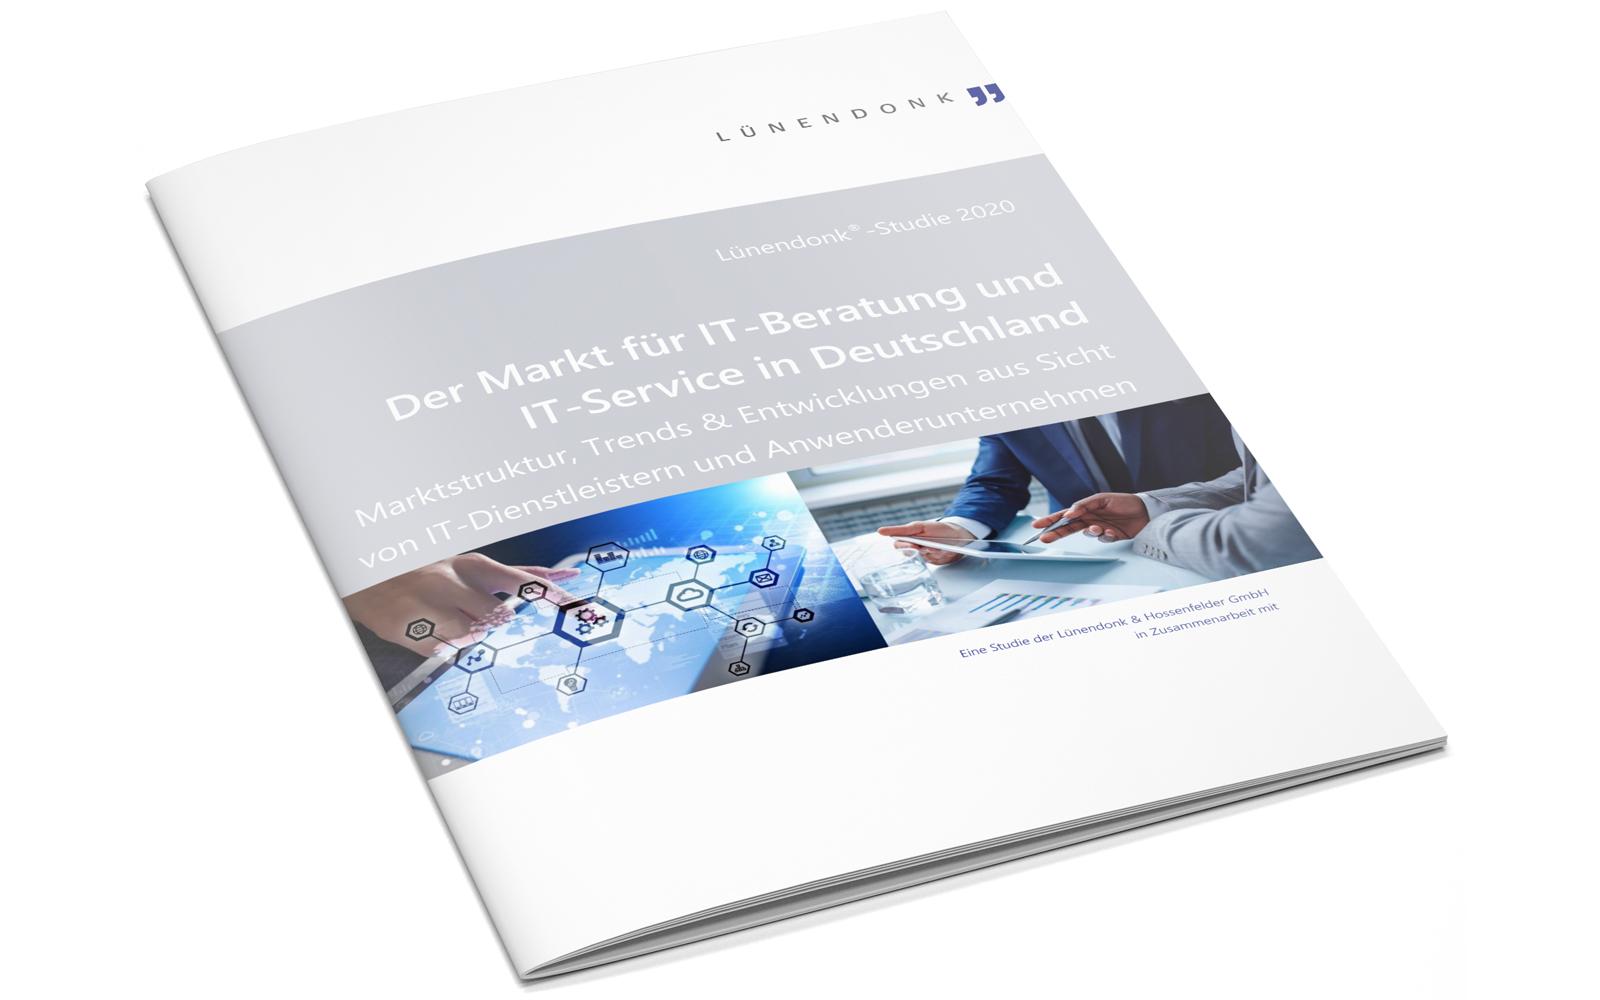 Lünendonk-Studie 2020: Der Markt für IT-Beratung und IT-Service in Deutschland